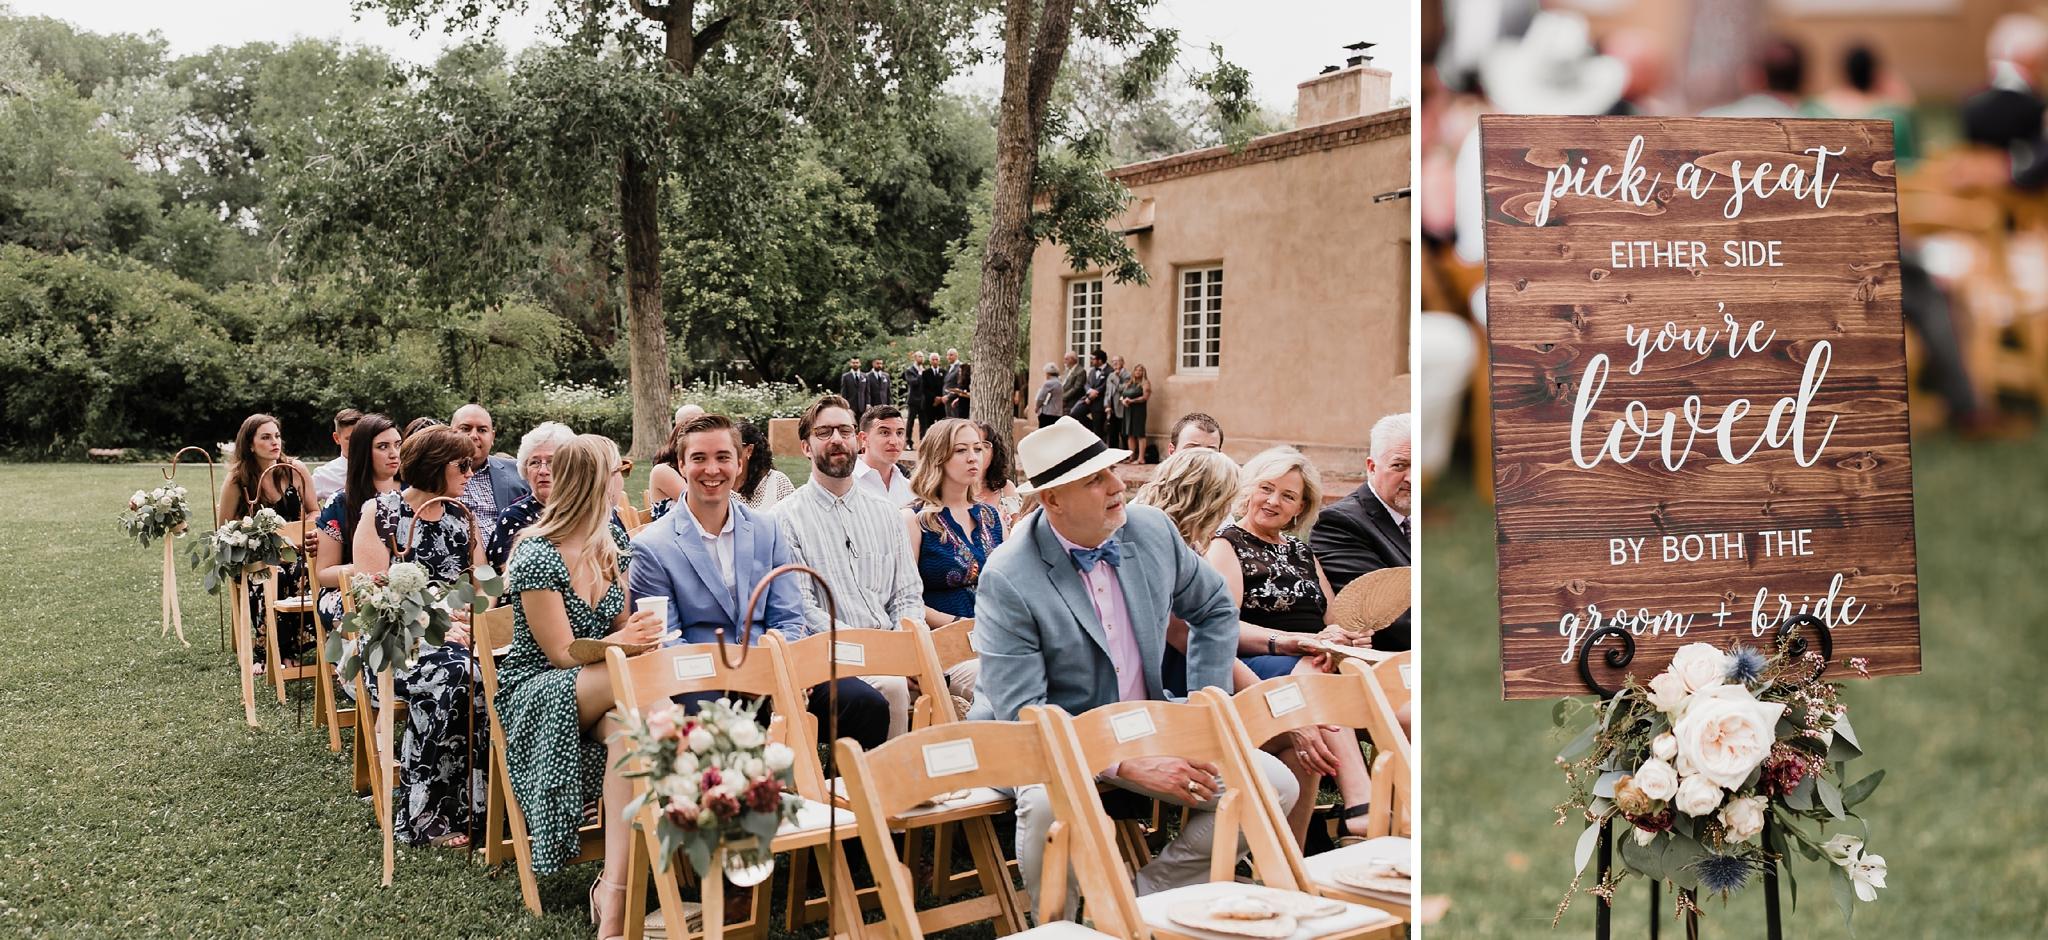 Alicia+lucia+photography+-+albuquerque+wedding+photographer+-+santa+fe+wedding+photography+-+new+mexico+wedding+photographer+-+new+mexico+wedding+-+summer+wedding+-+los+poblanos+wedding+-+albuquerque+wedding_0032.jpg